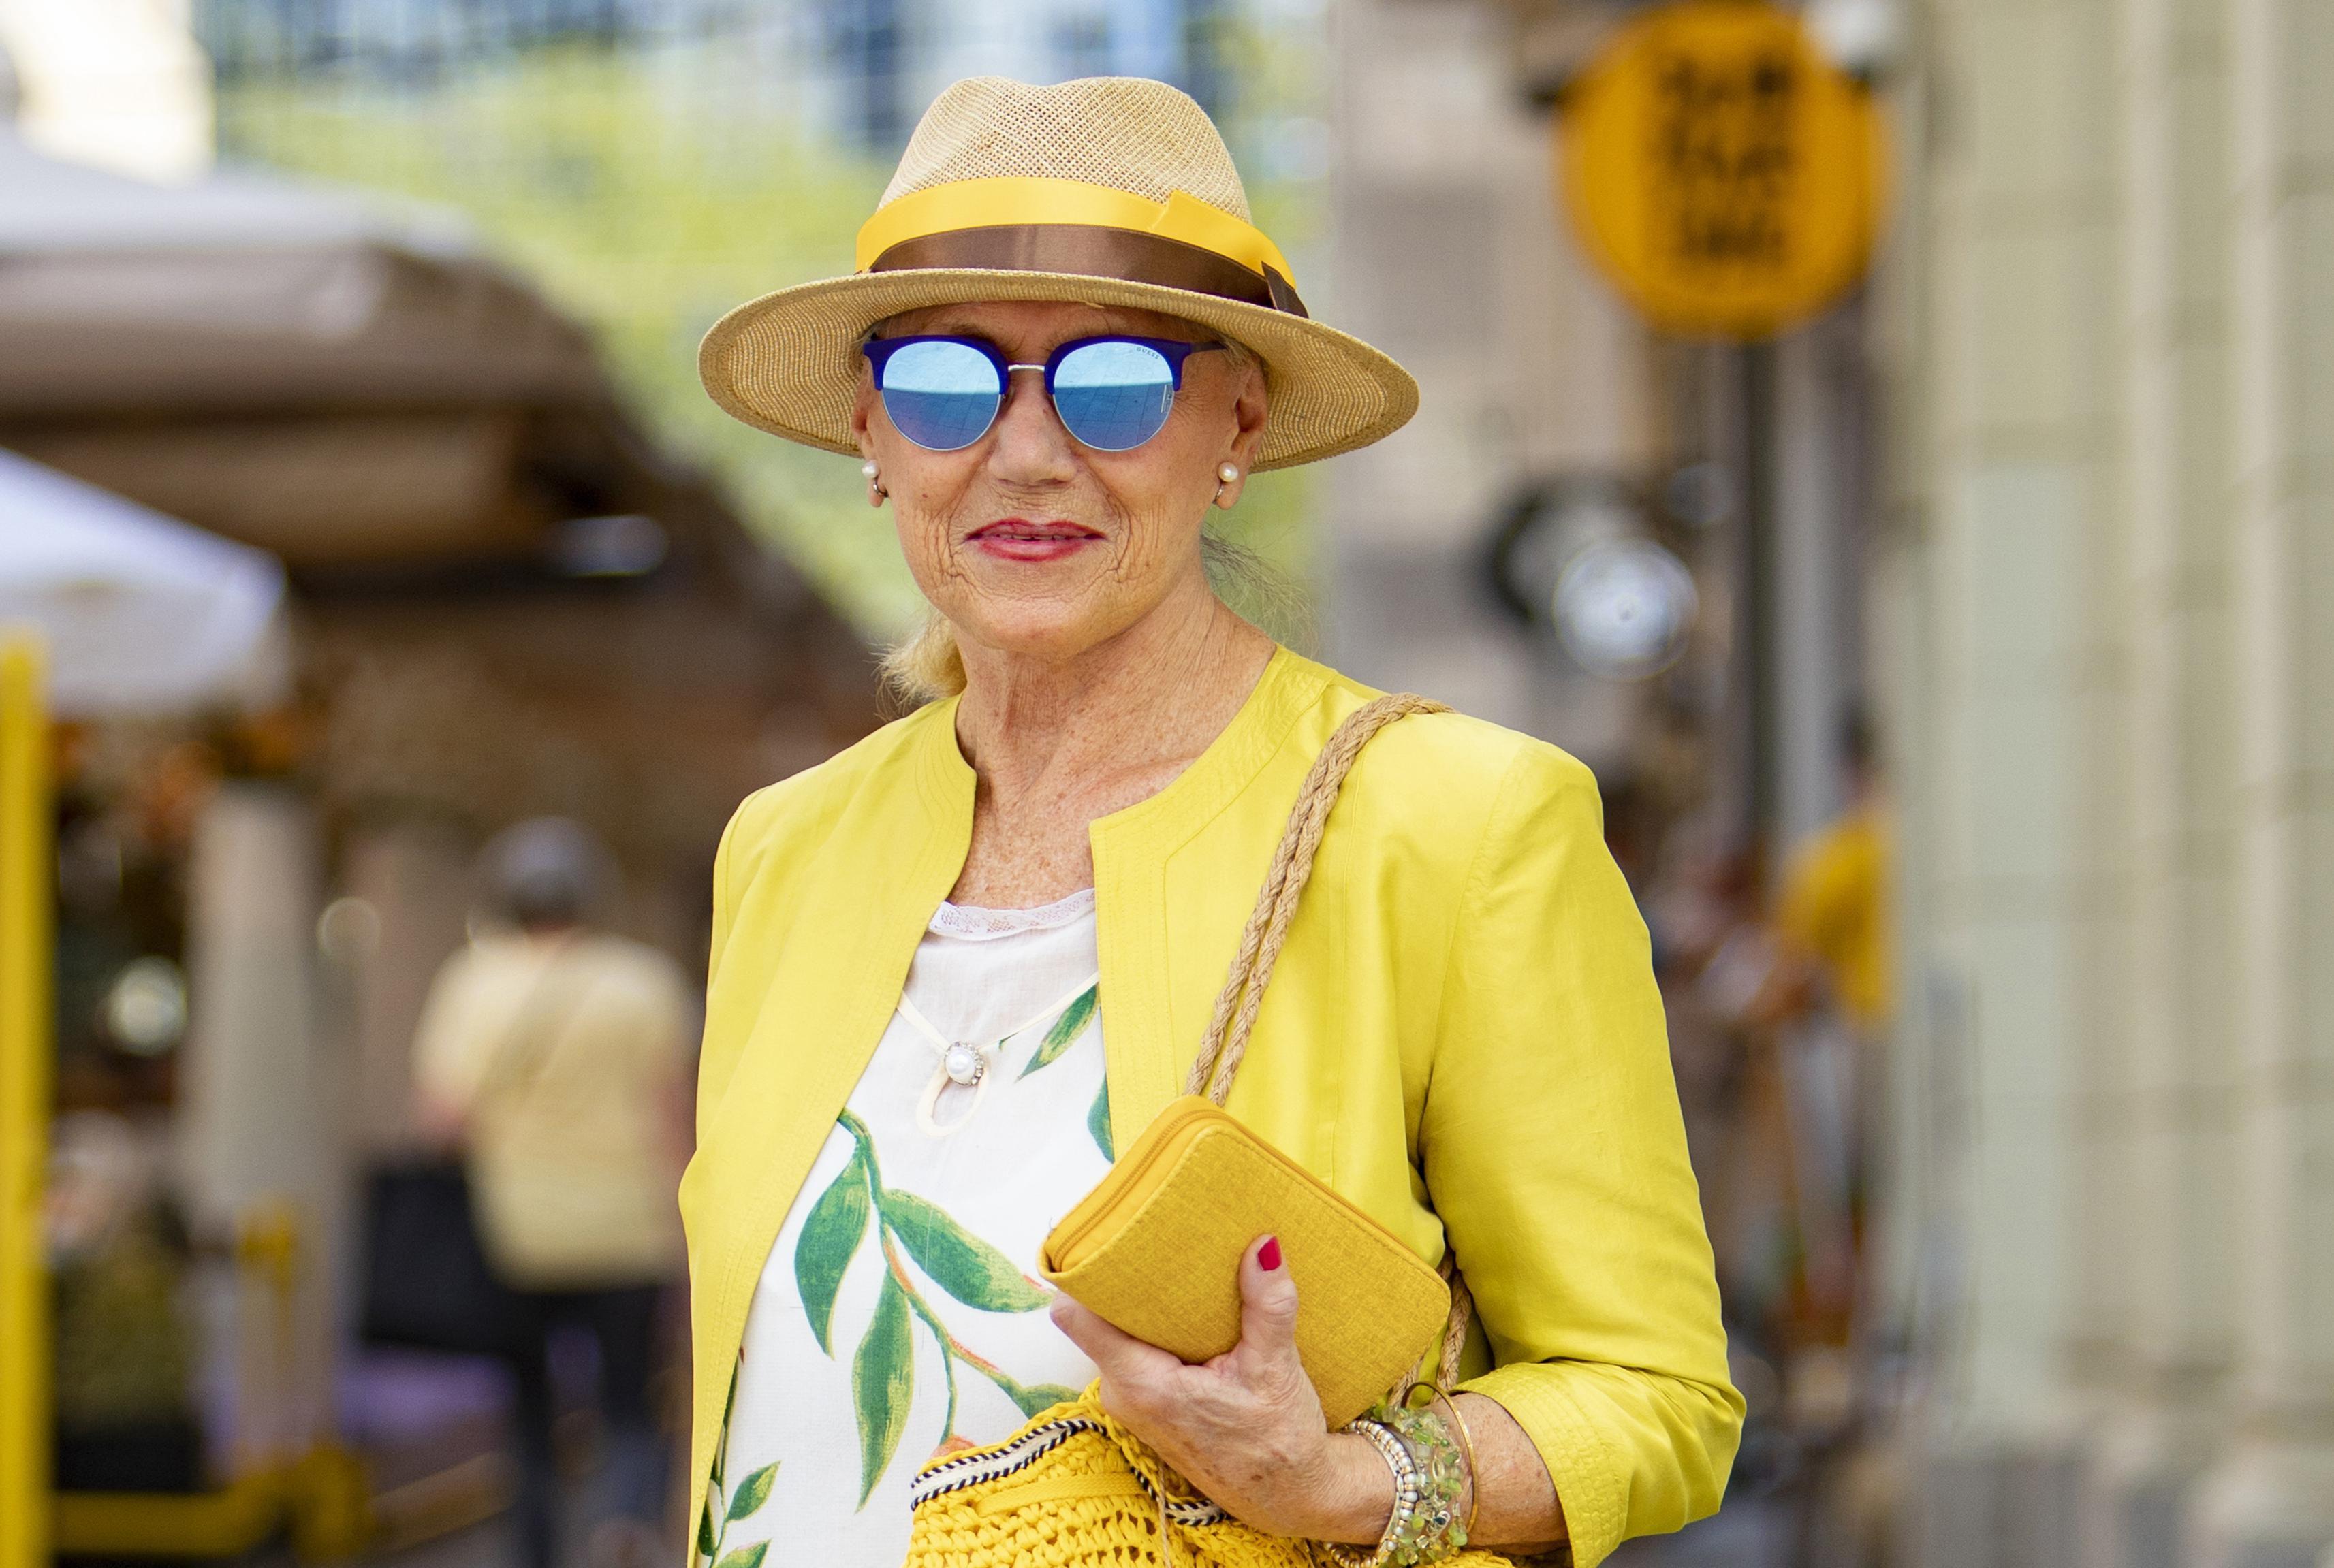 Dama, koja je već nekoliko puta bila zvijezda naše street style rubrike, očitala super lekciju iz stila